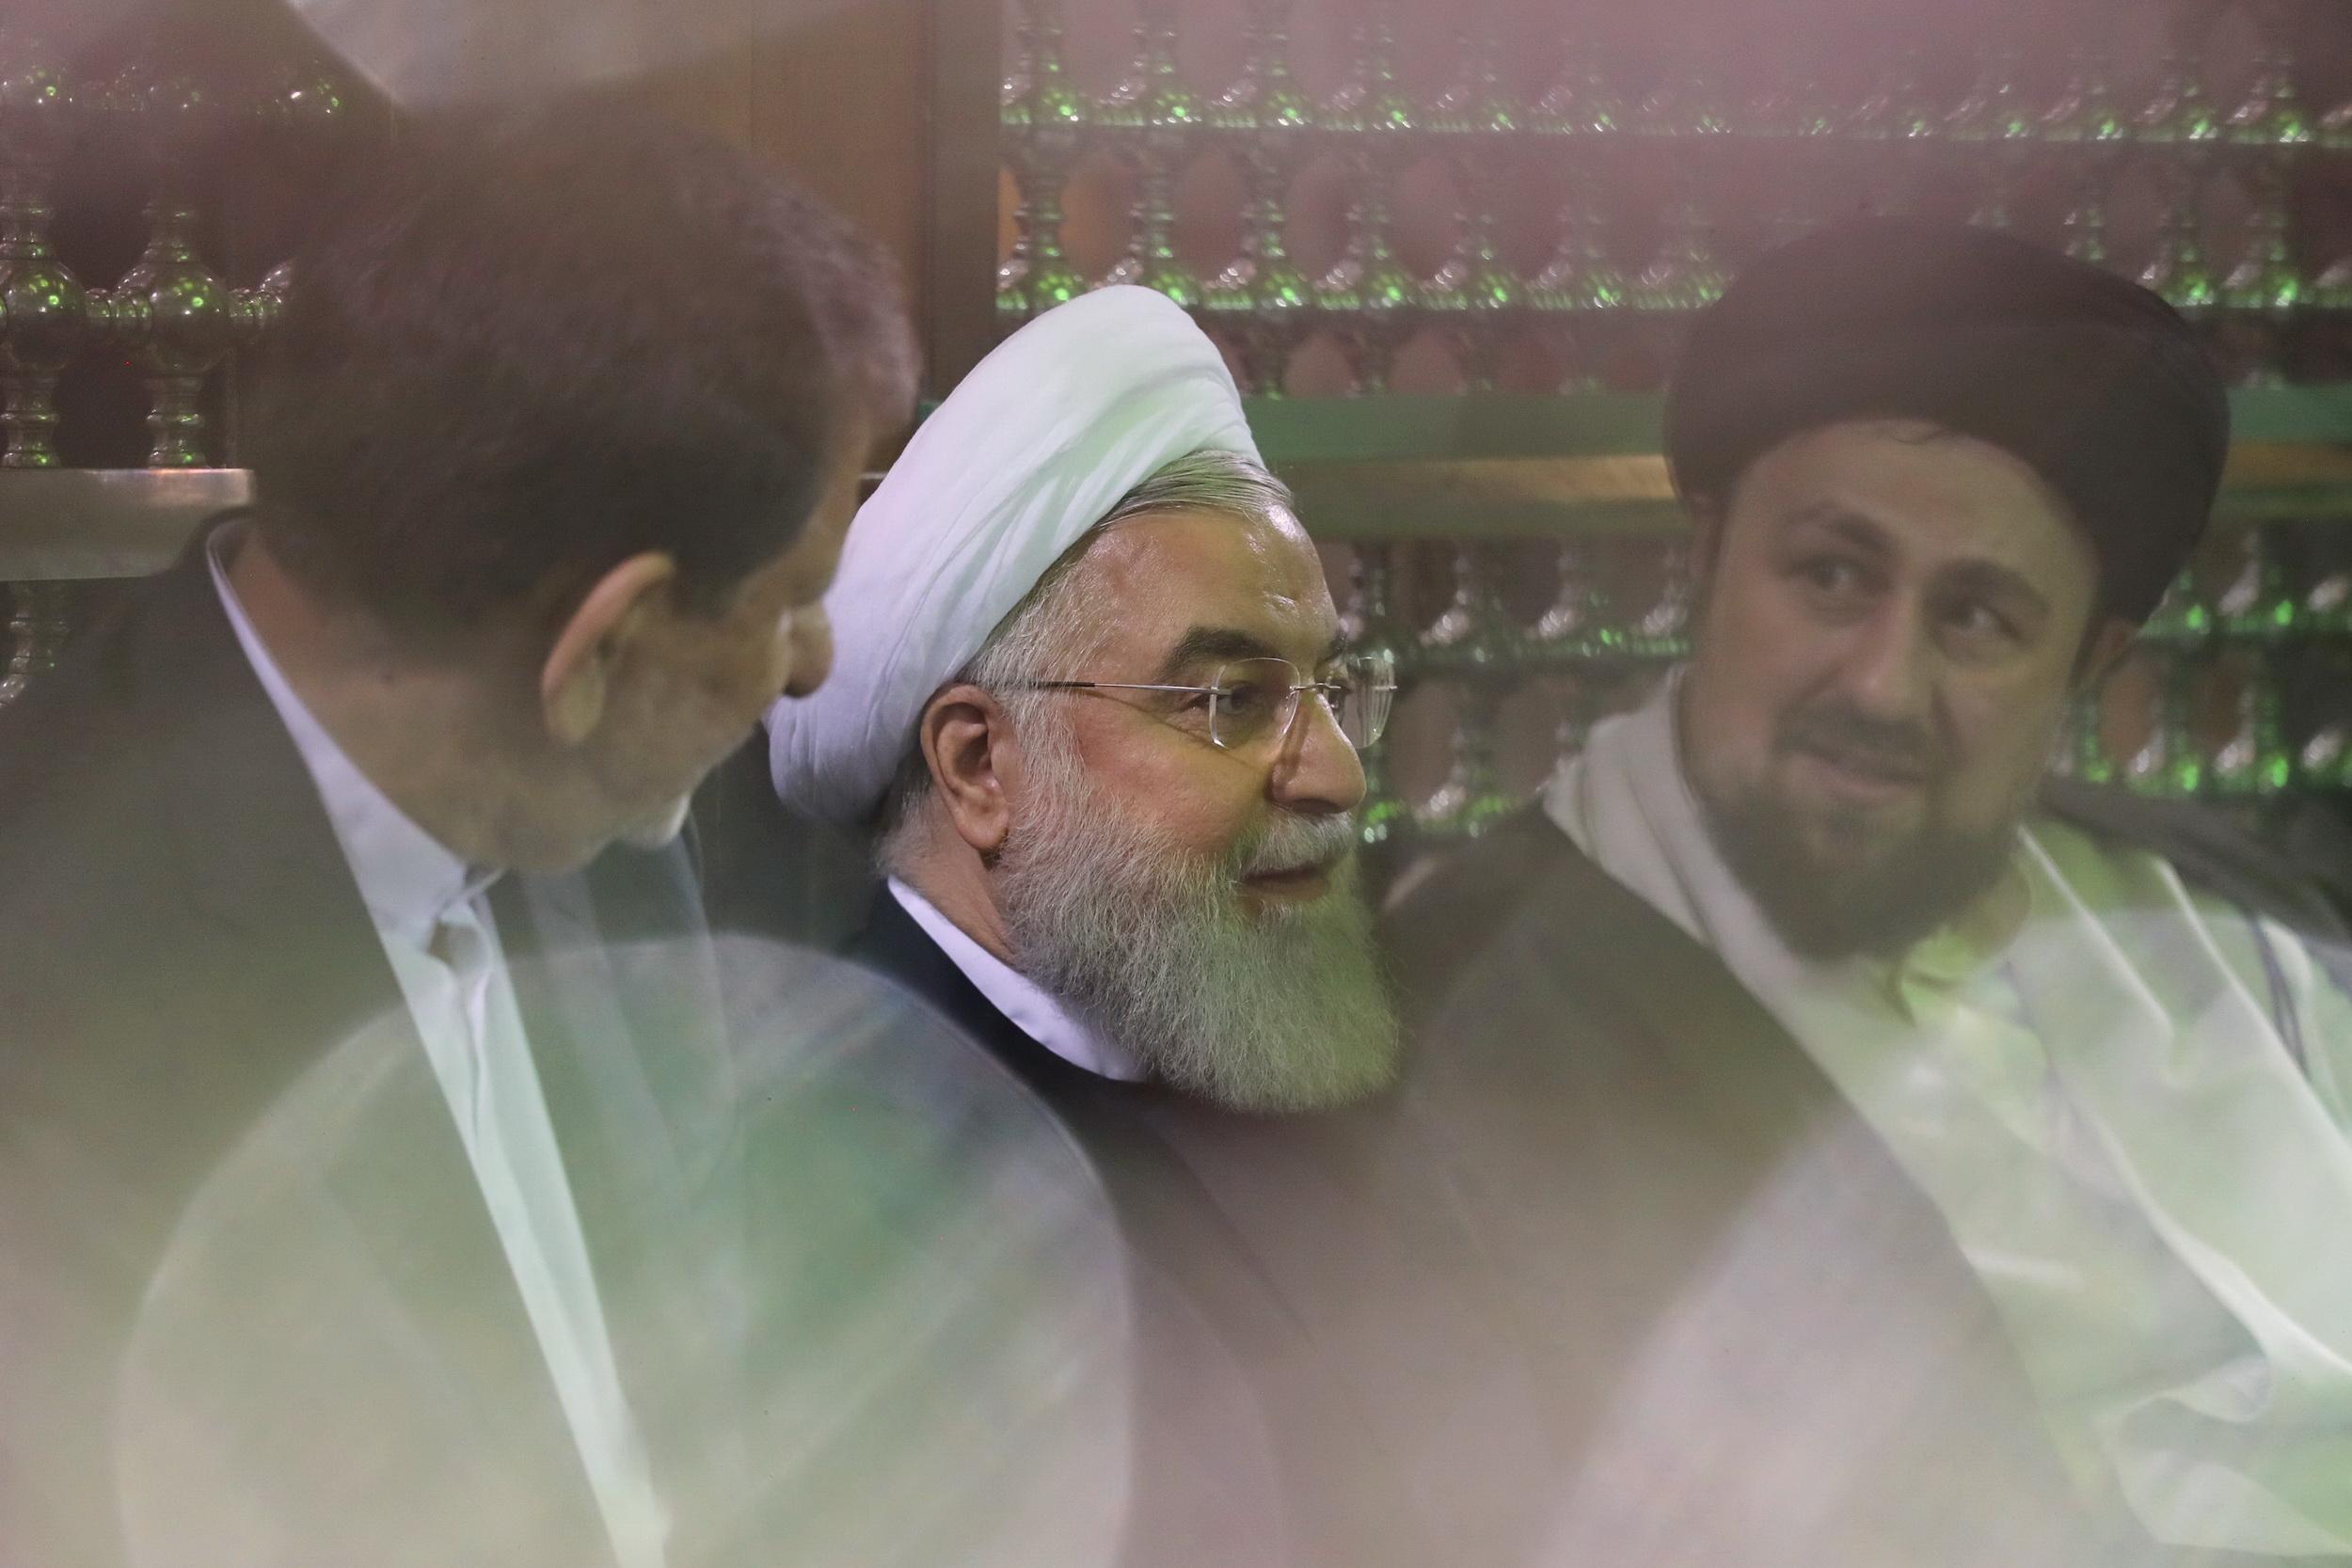 روحانی: با بزرگترین فشار اقتصادی پس از انقلاب روبهرو هستیم